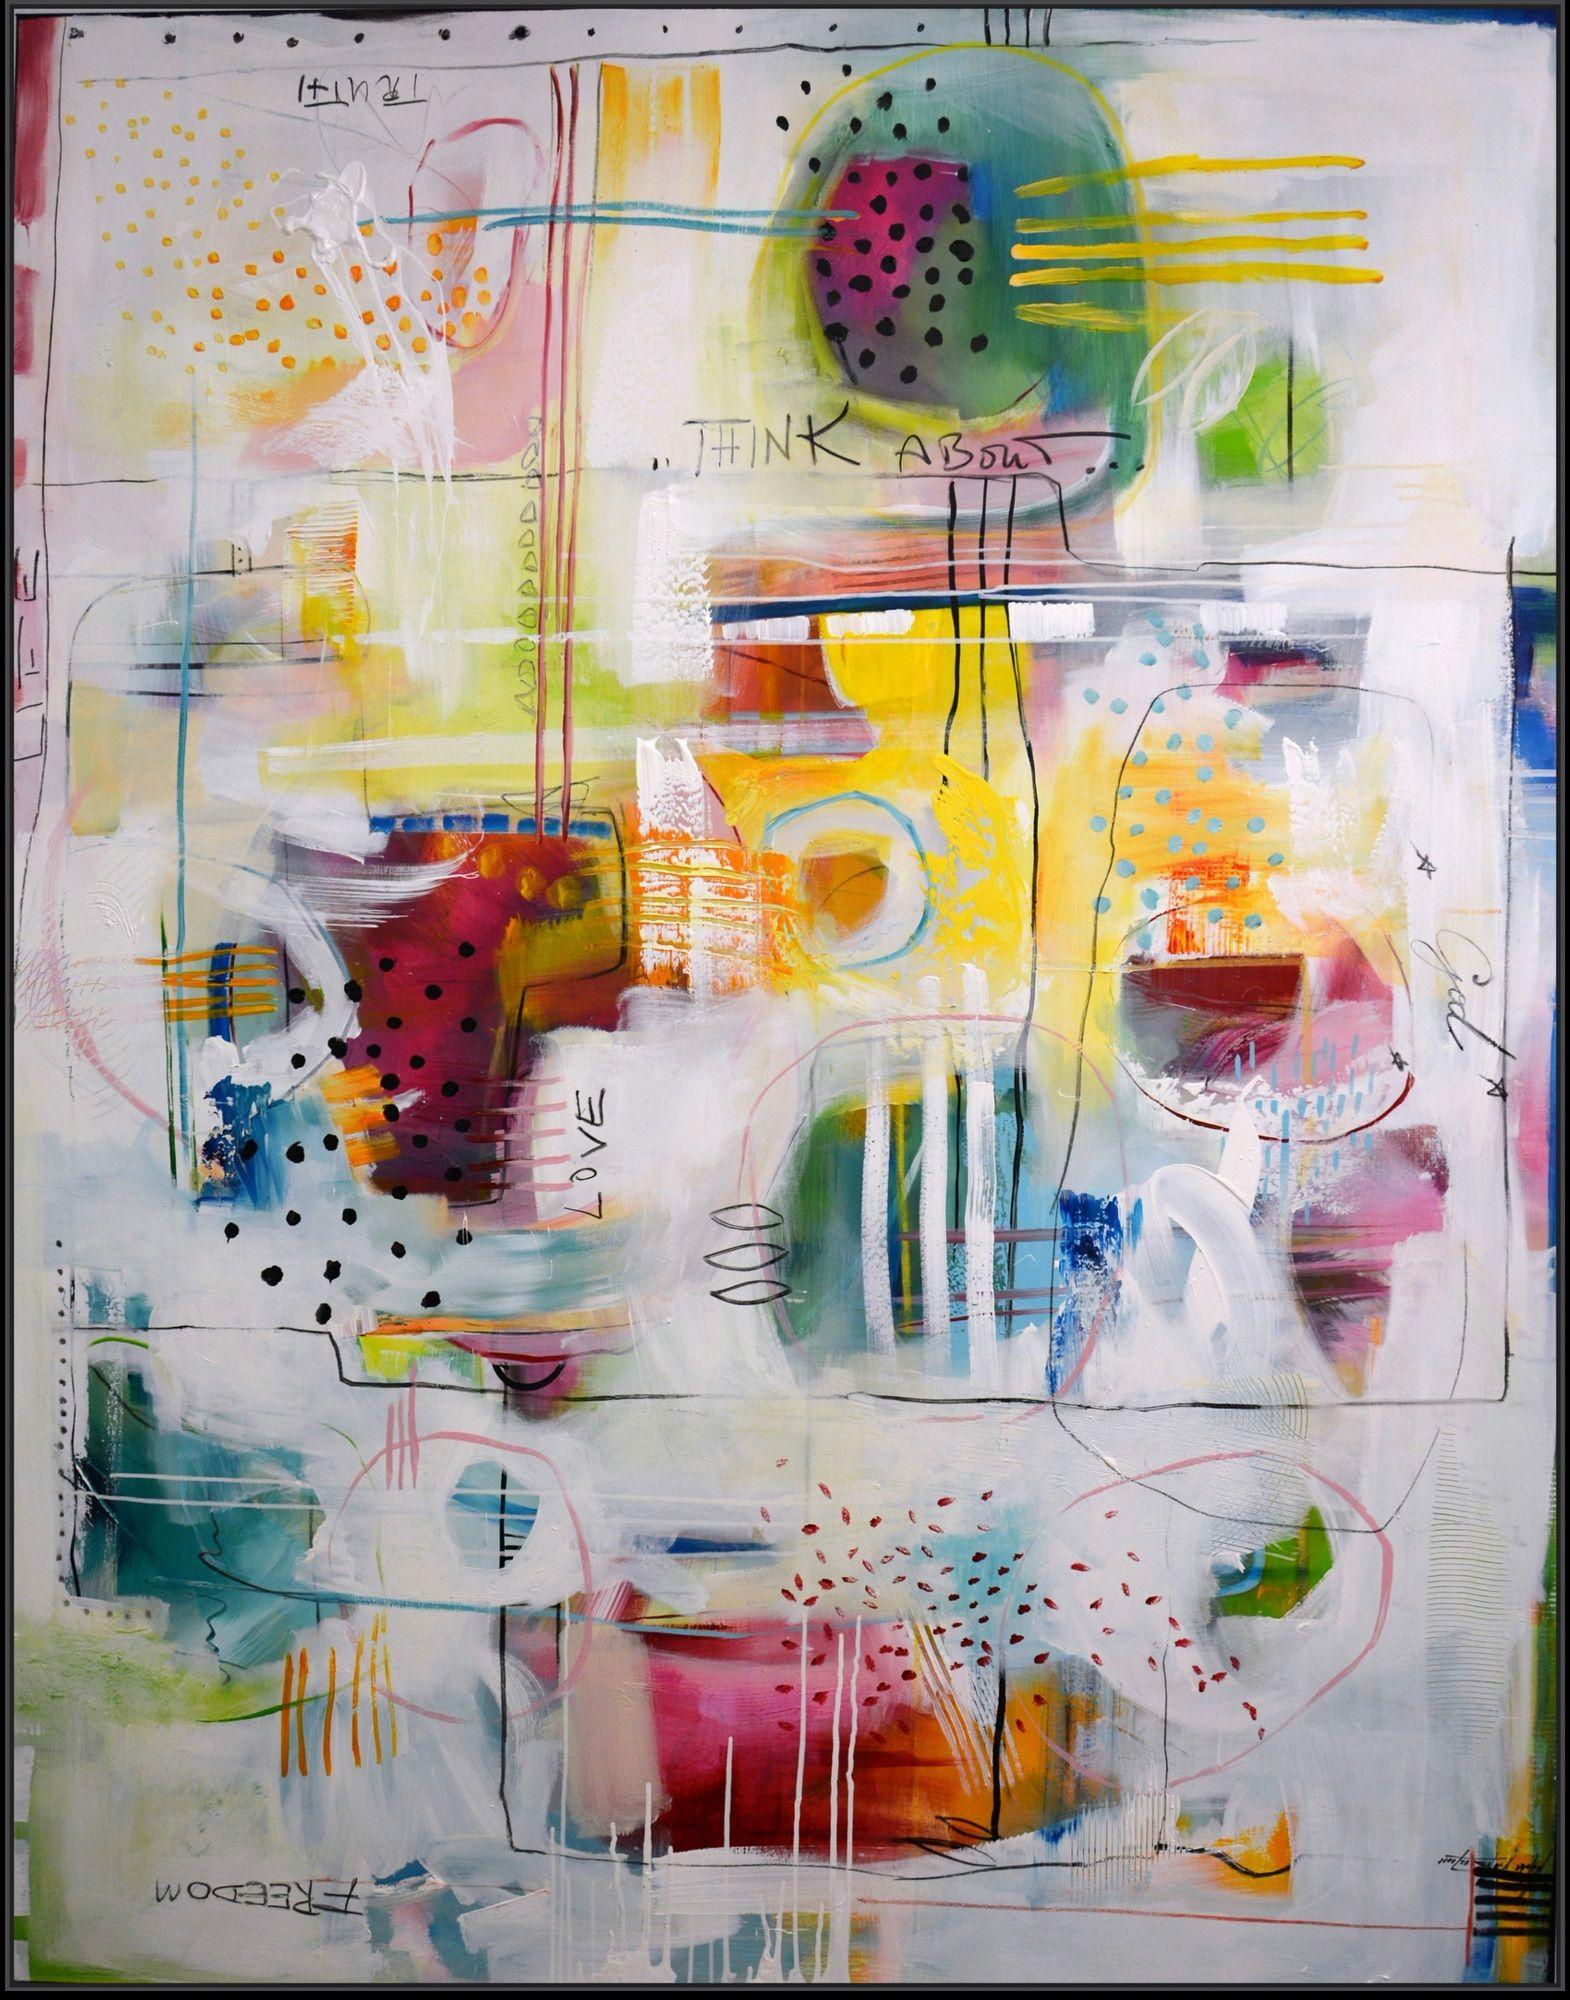 kunst direkt vom kunstler kaufen abstrakte malerei abstrakt bilder 120x80 leinwand acryl